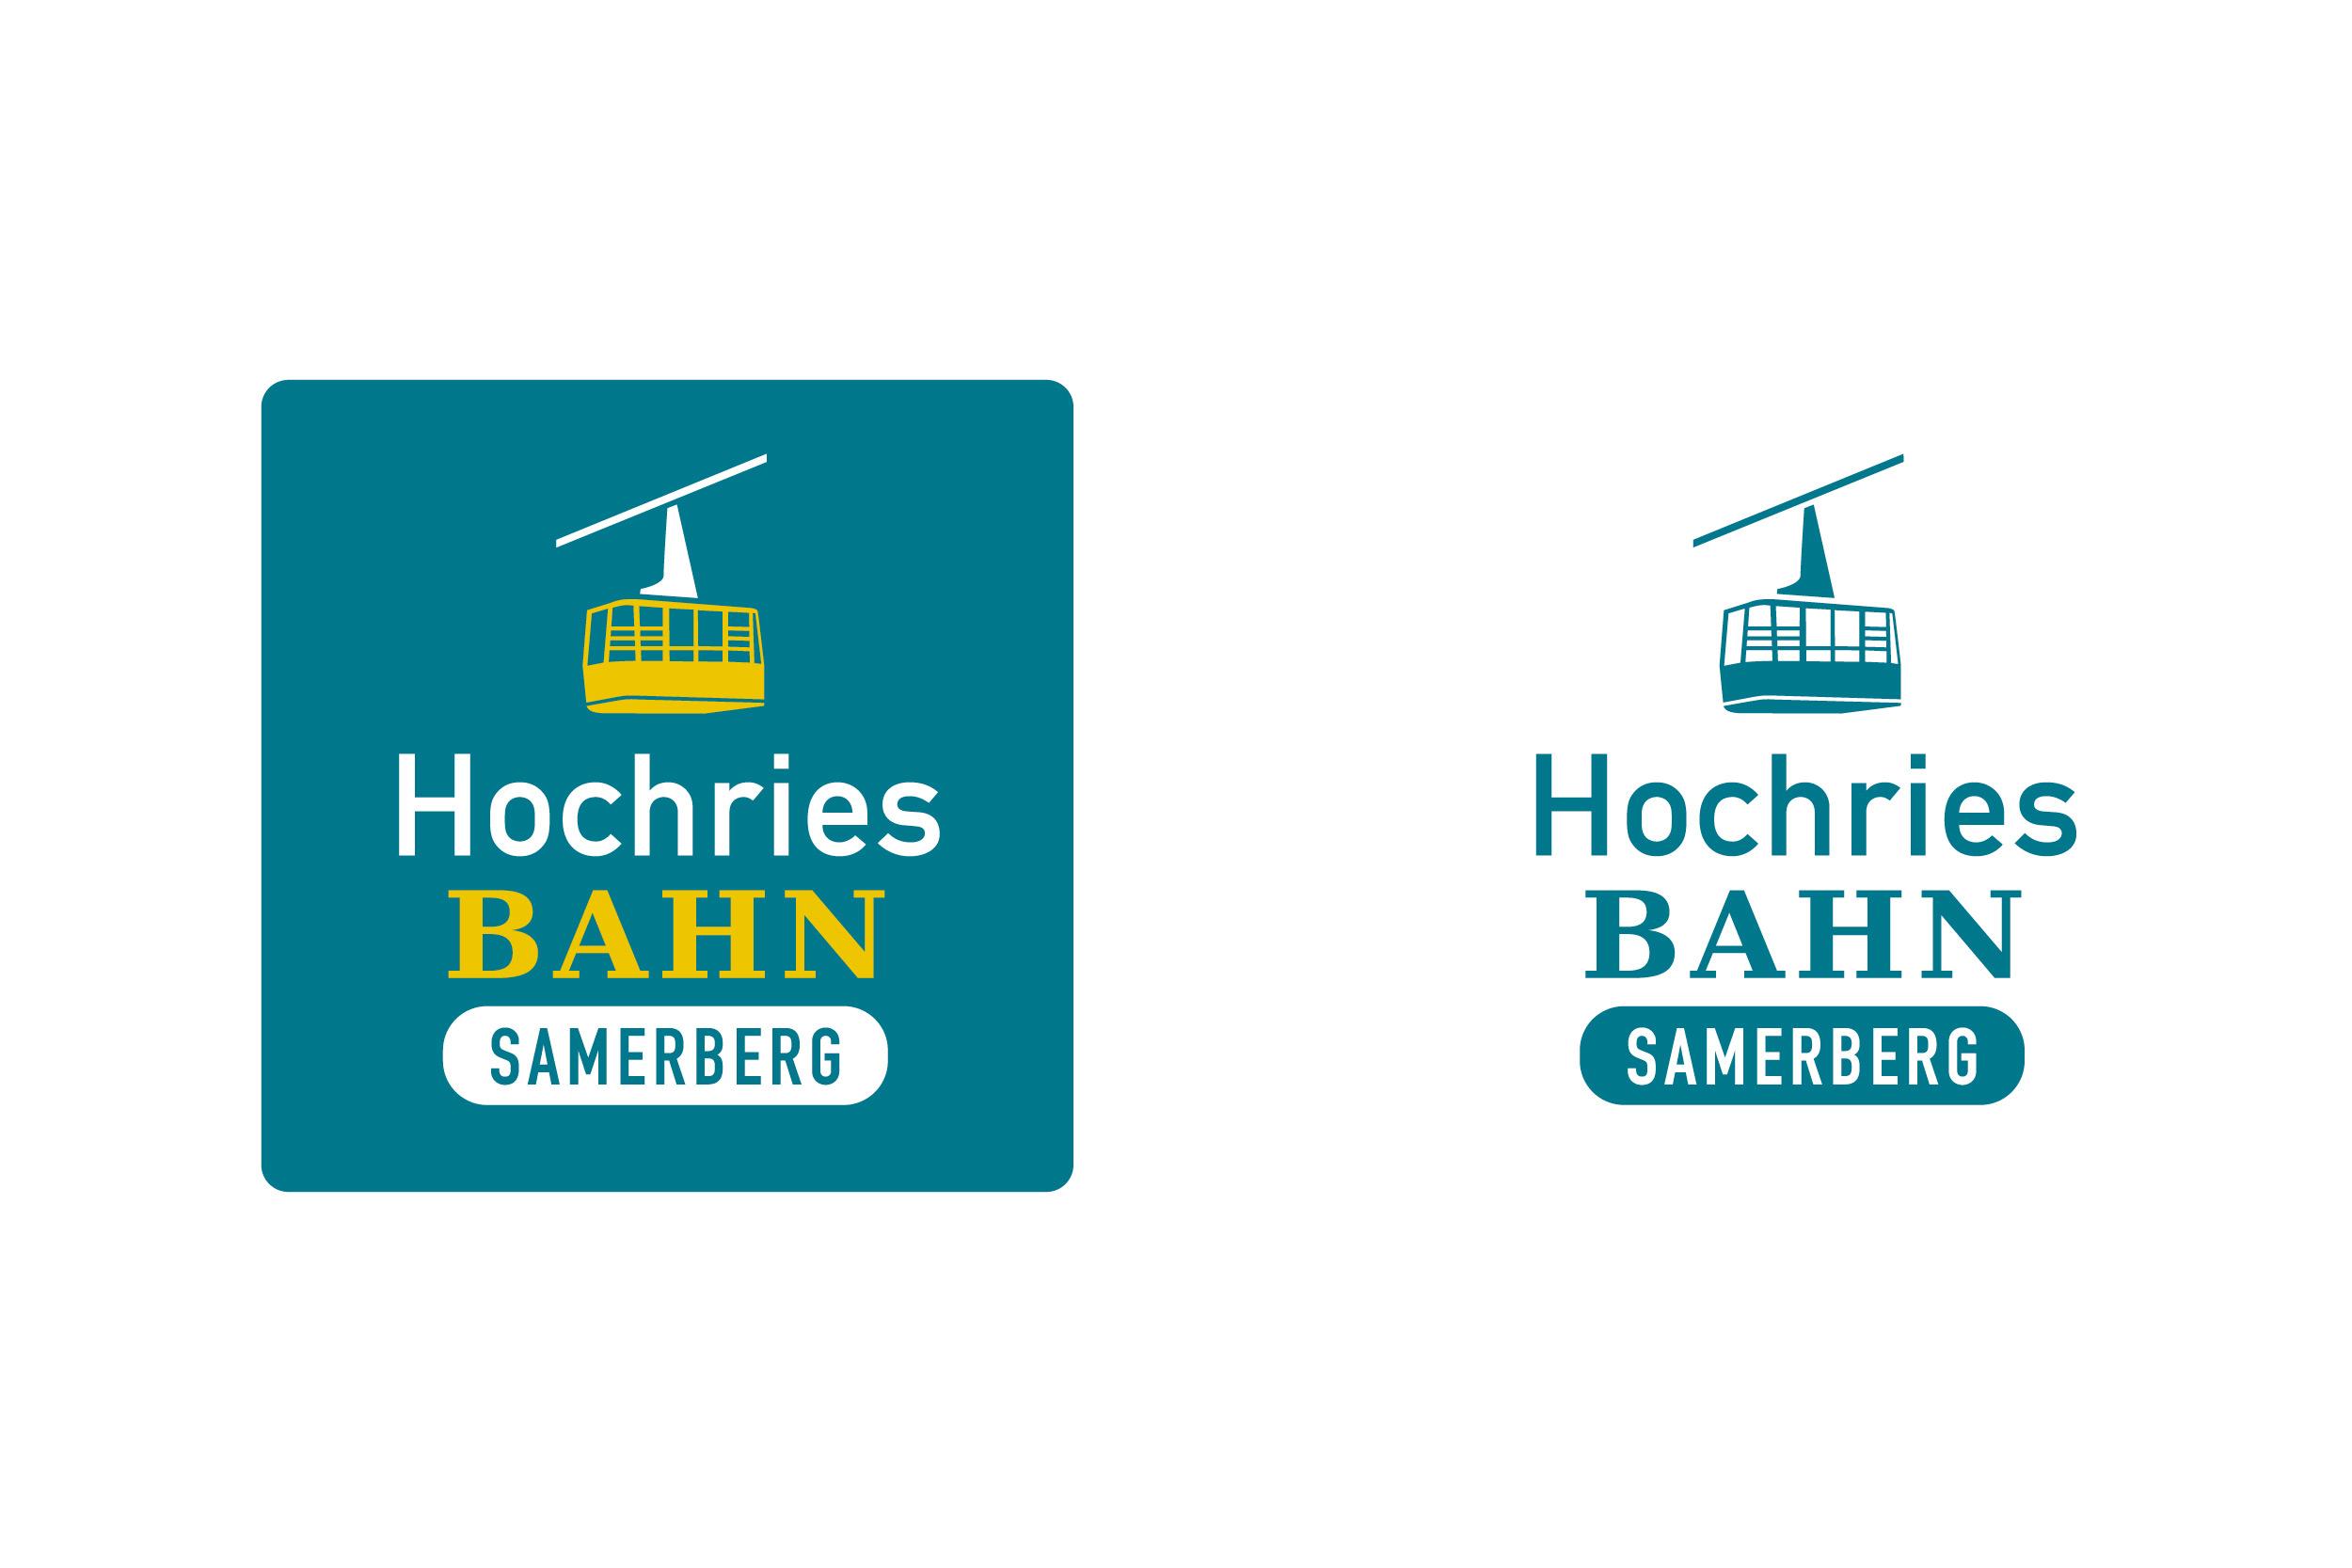 Hochriesbahn Zusammenstellung5 1